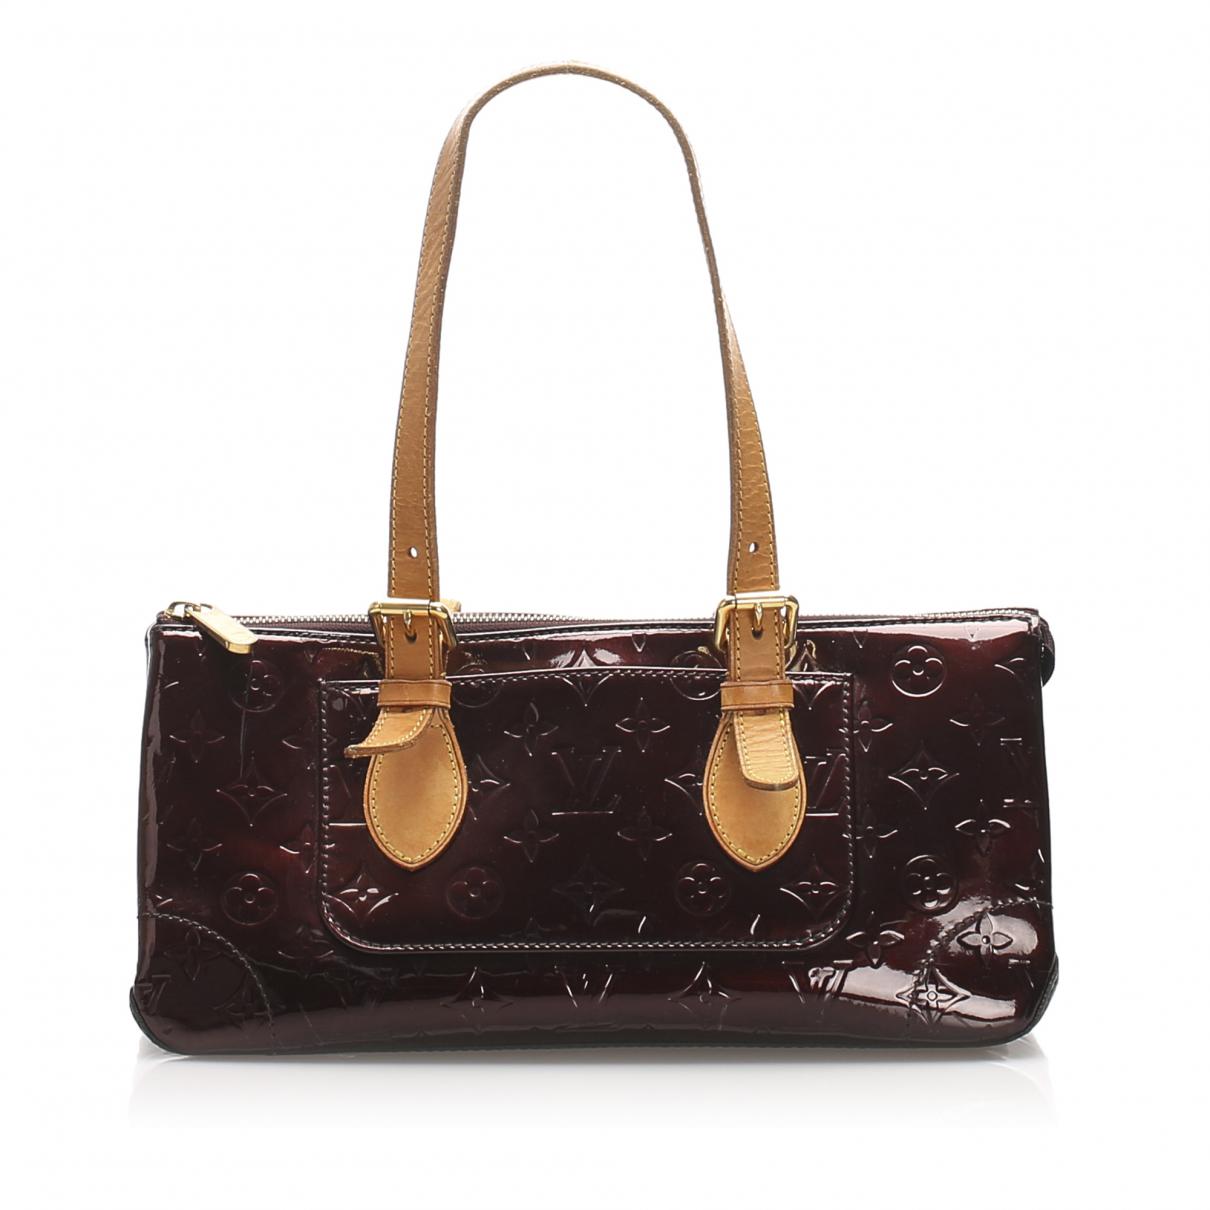 Louis Vuitton - Sac a main   pour femme en cuir - violet